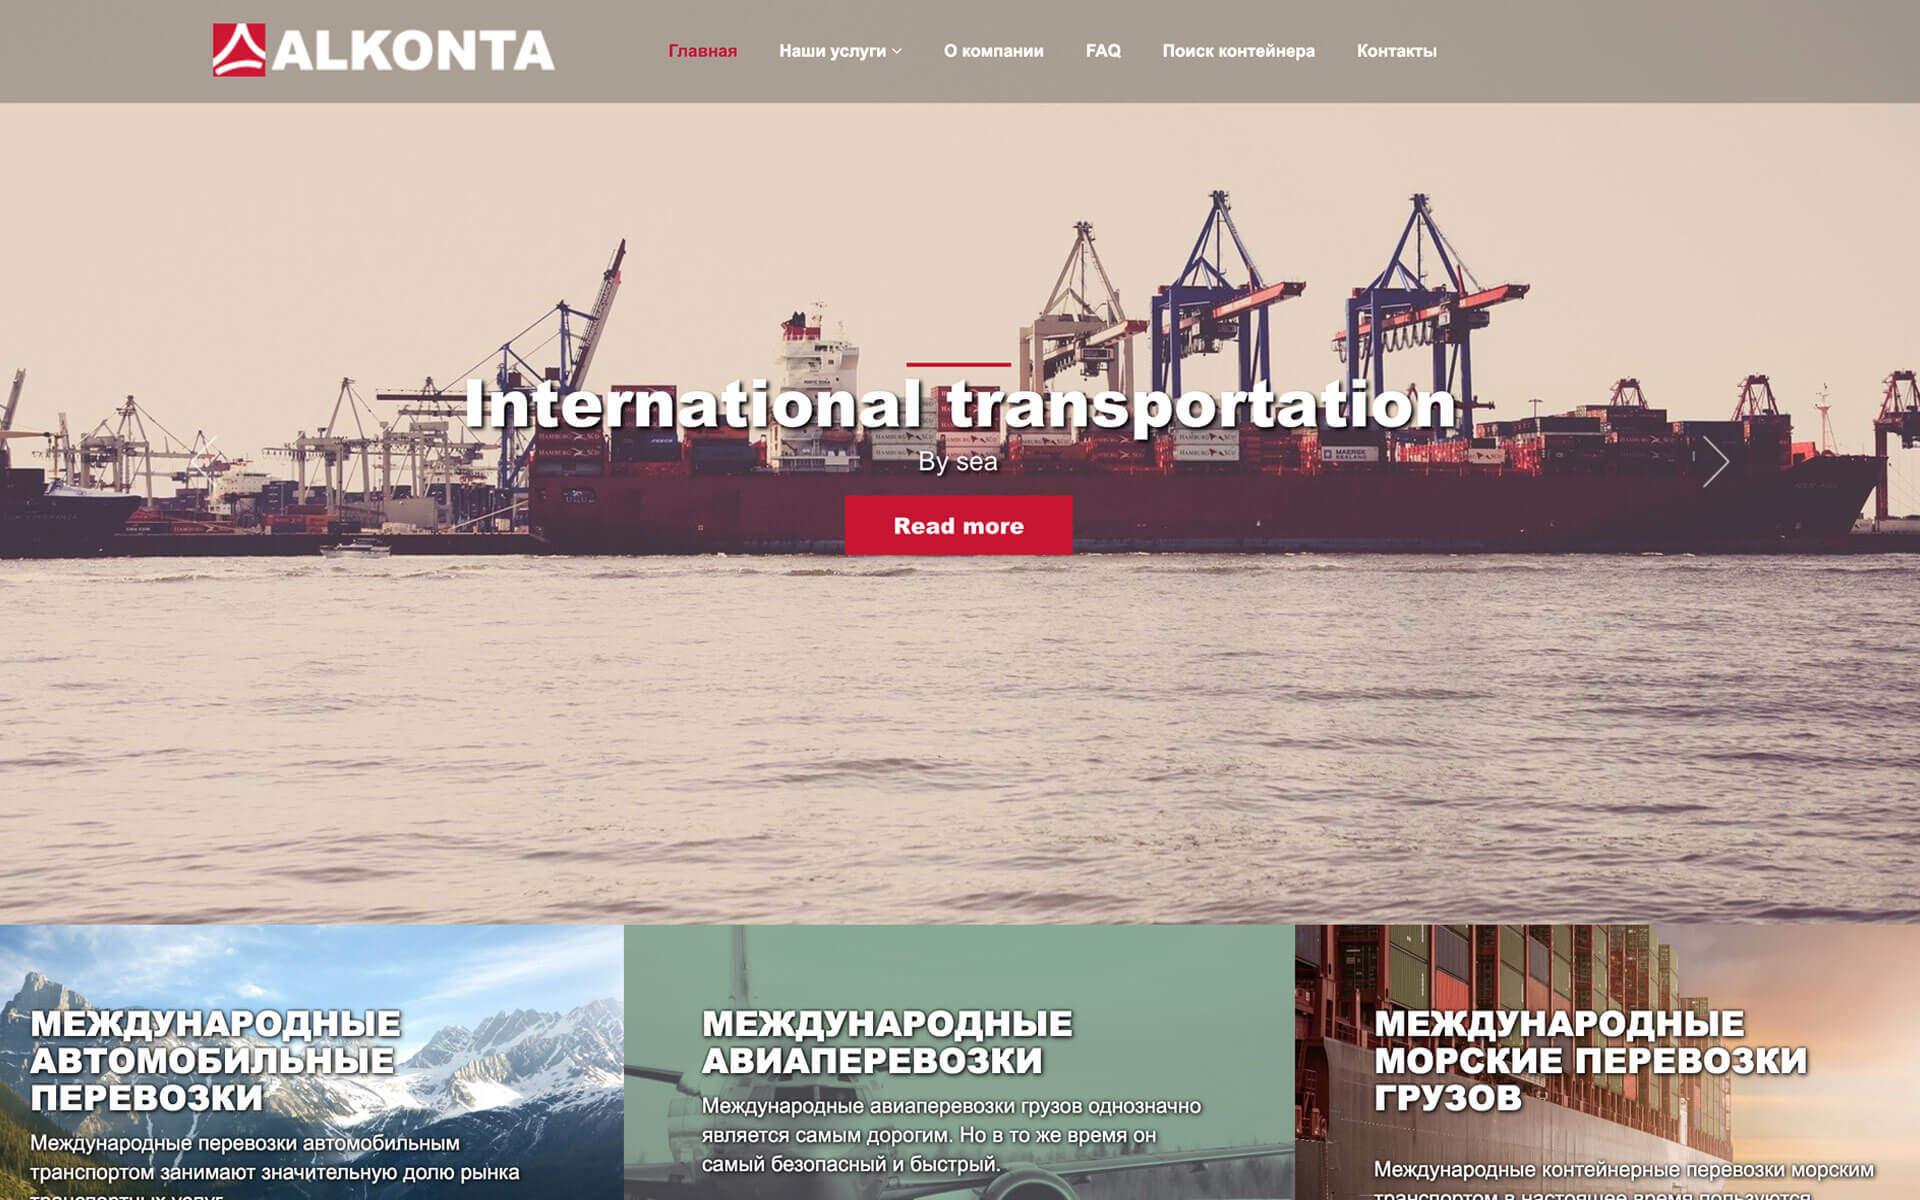 alkonta.com desktop preview